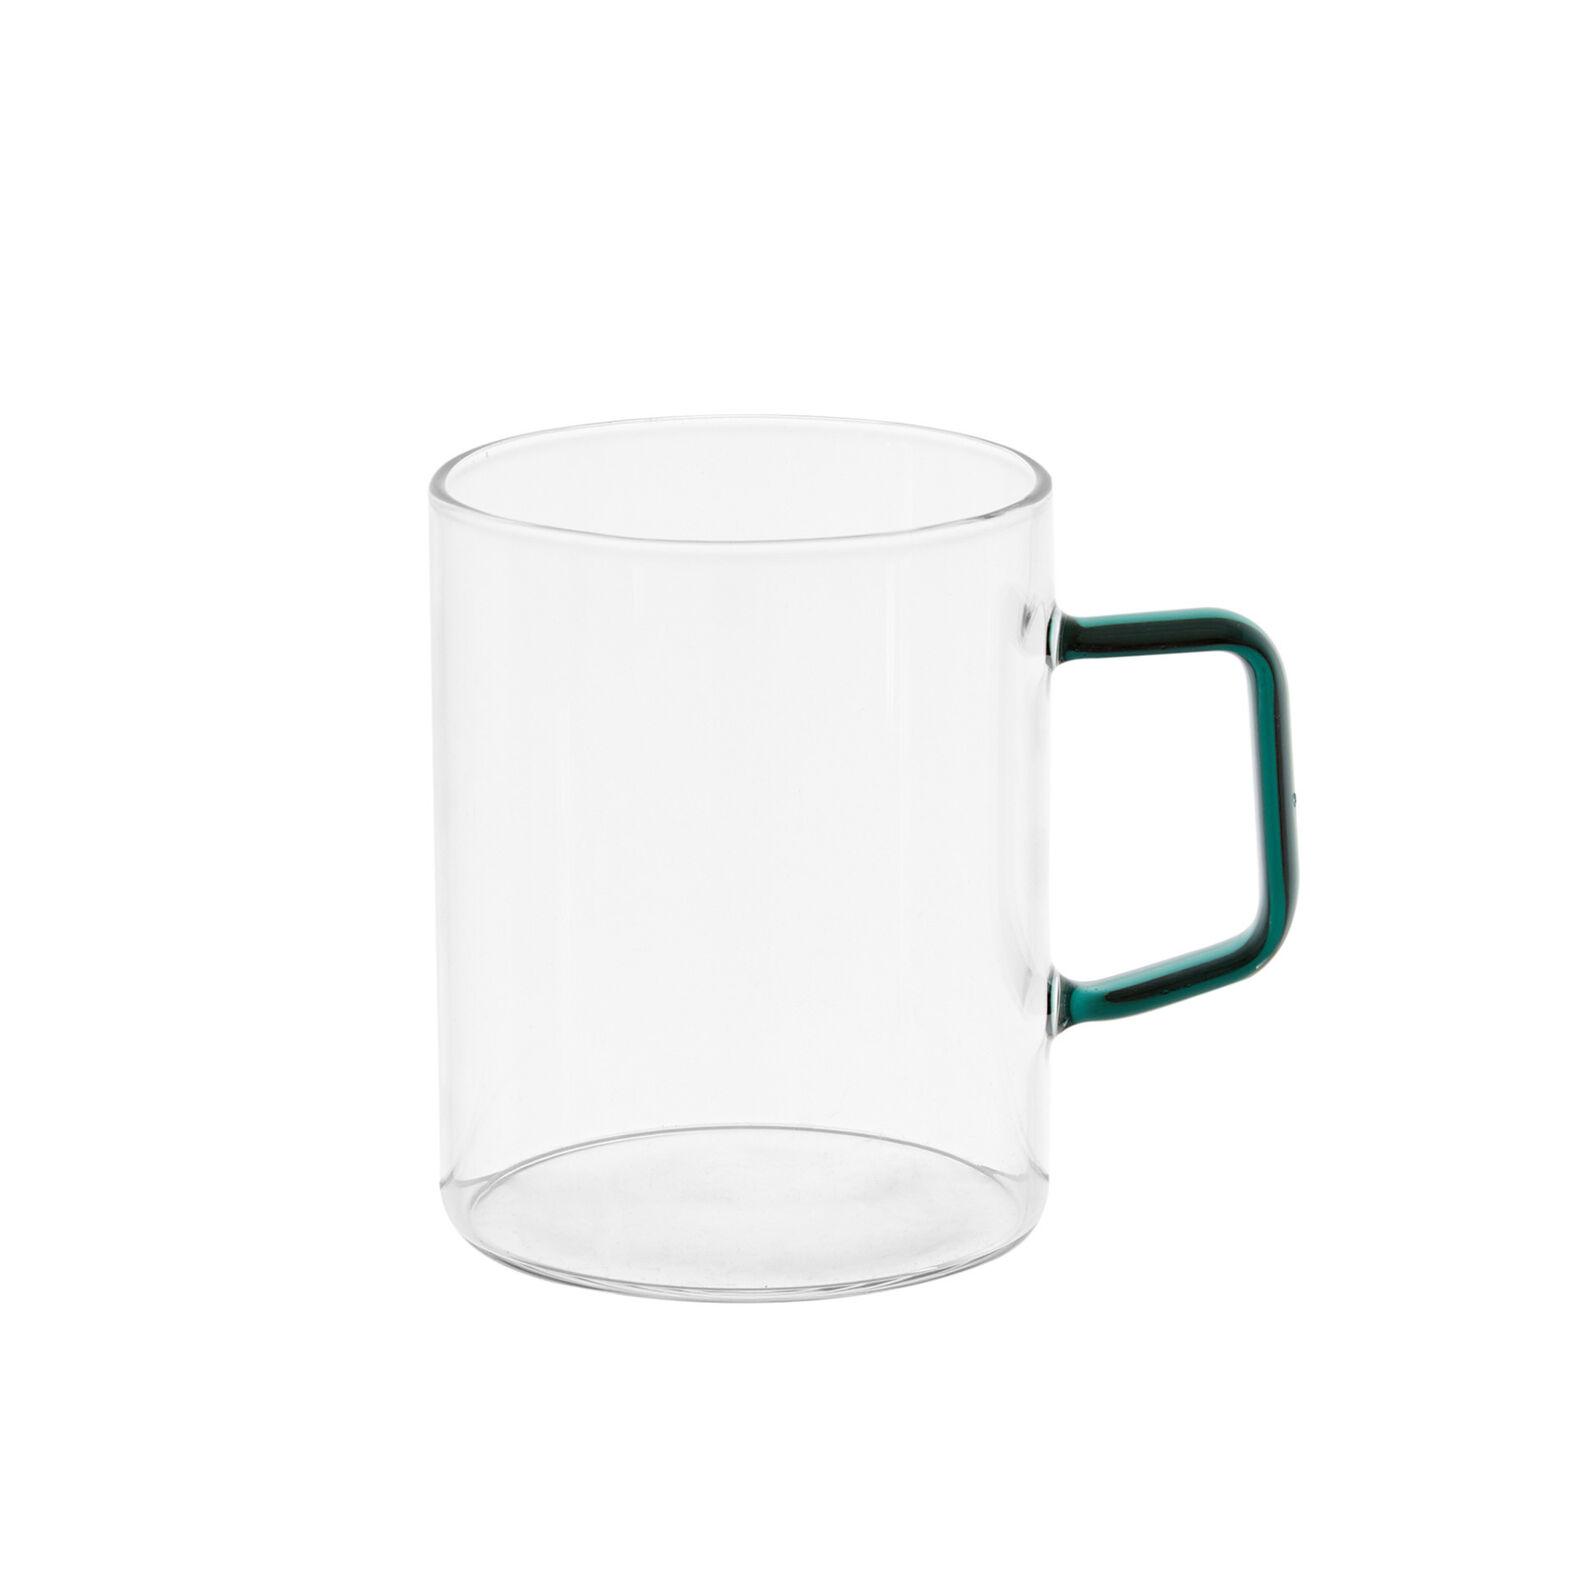 Glass mug with coloured handle